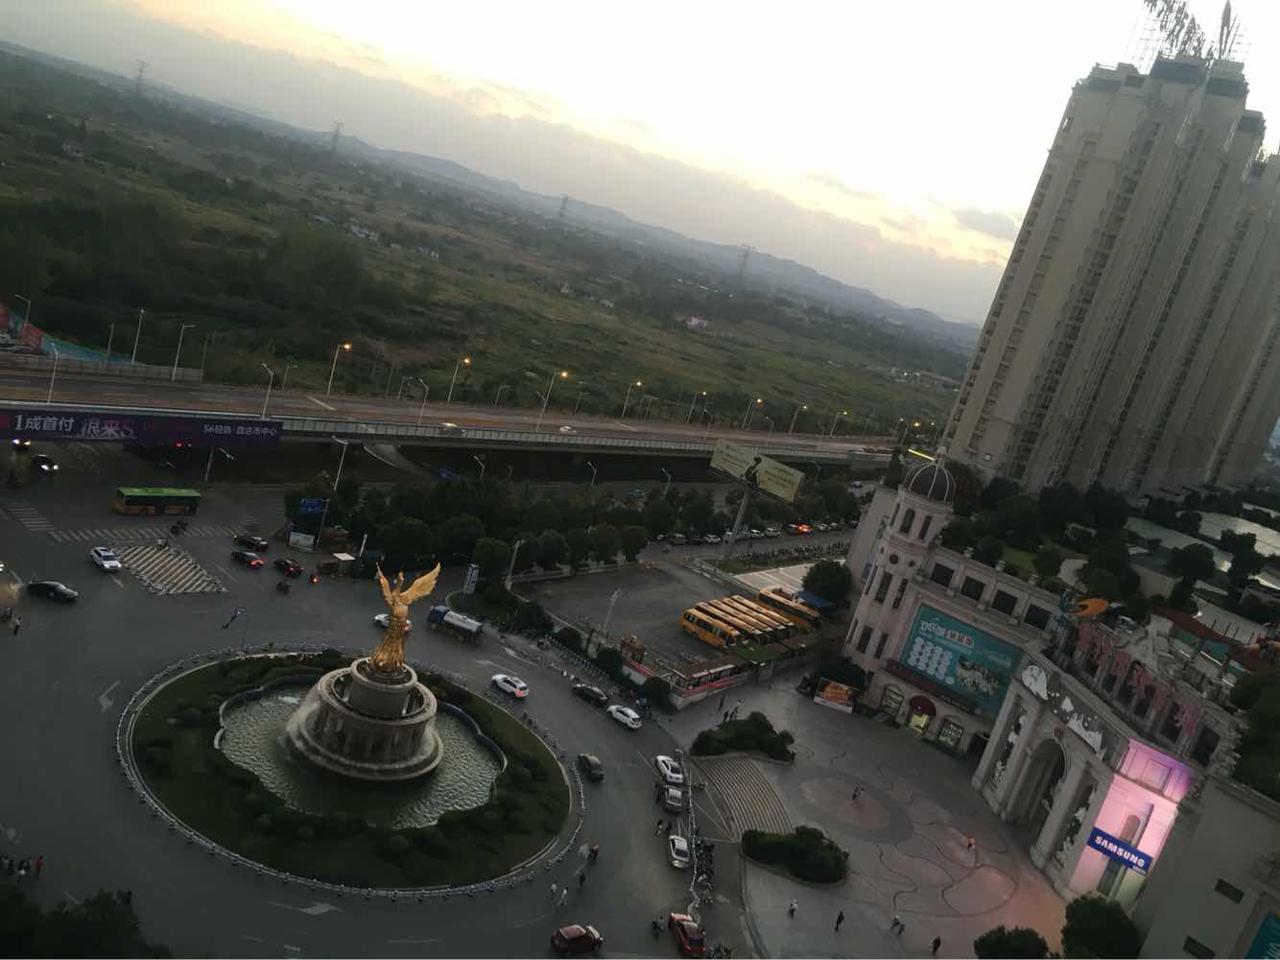 莱阳市北二手房 - 莱阳信息港